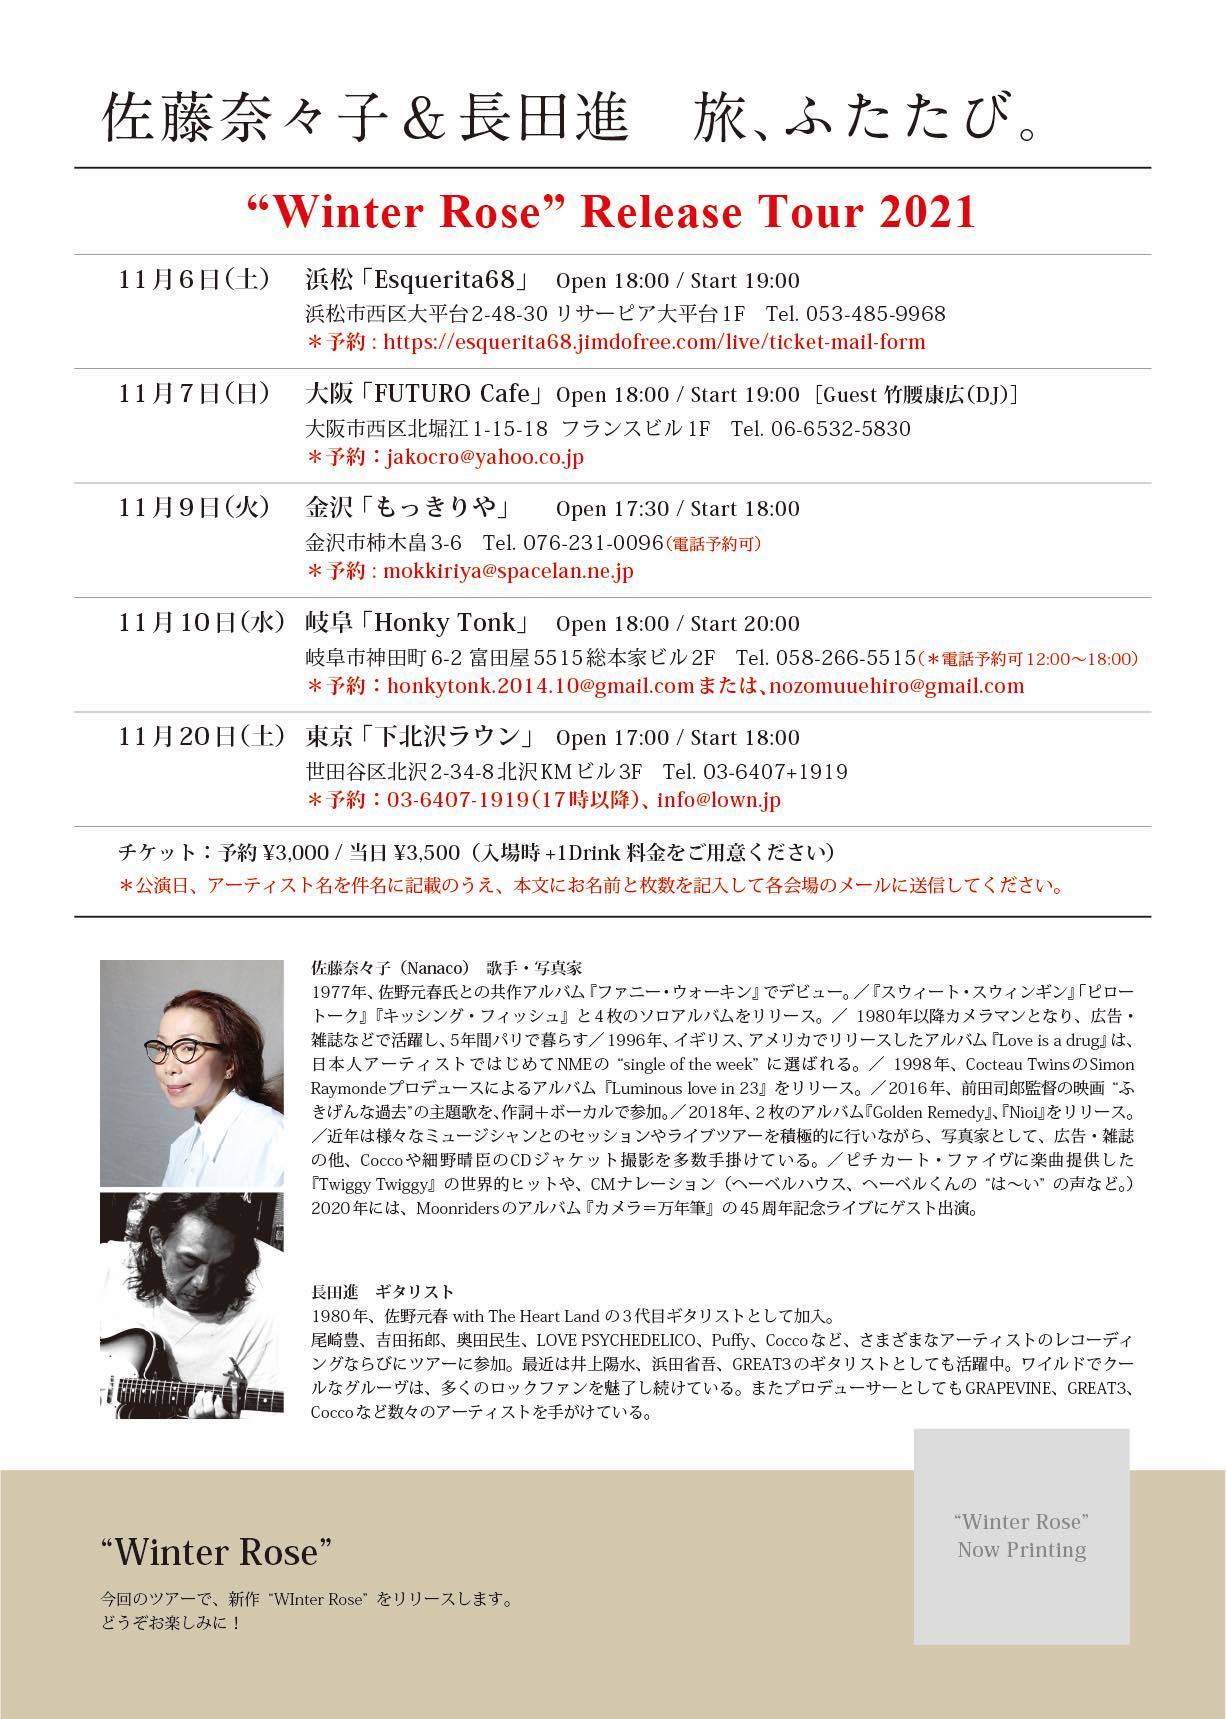 11/07(日曜日)open18:00 start19:00 予定_f0004336_18435890.jpg